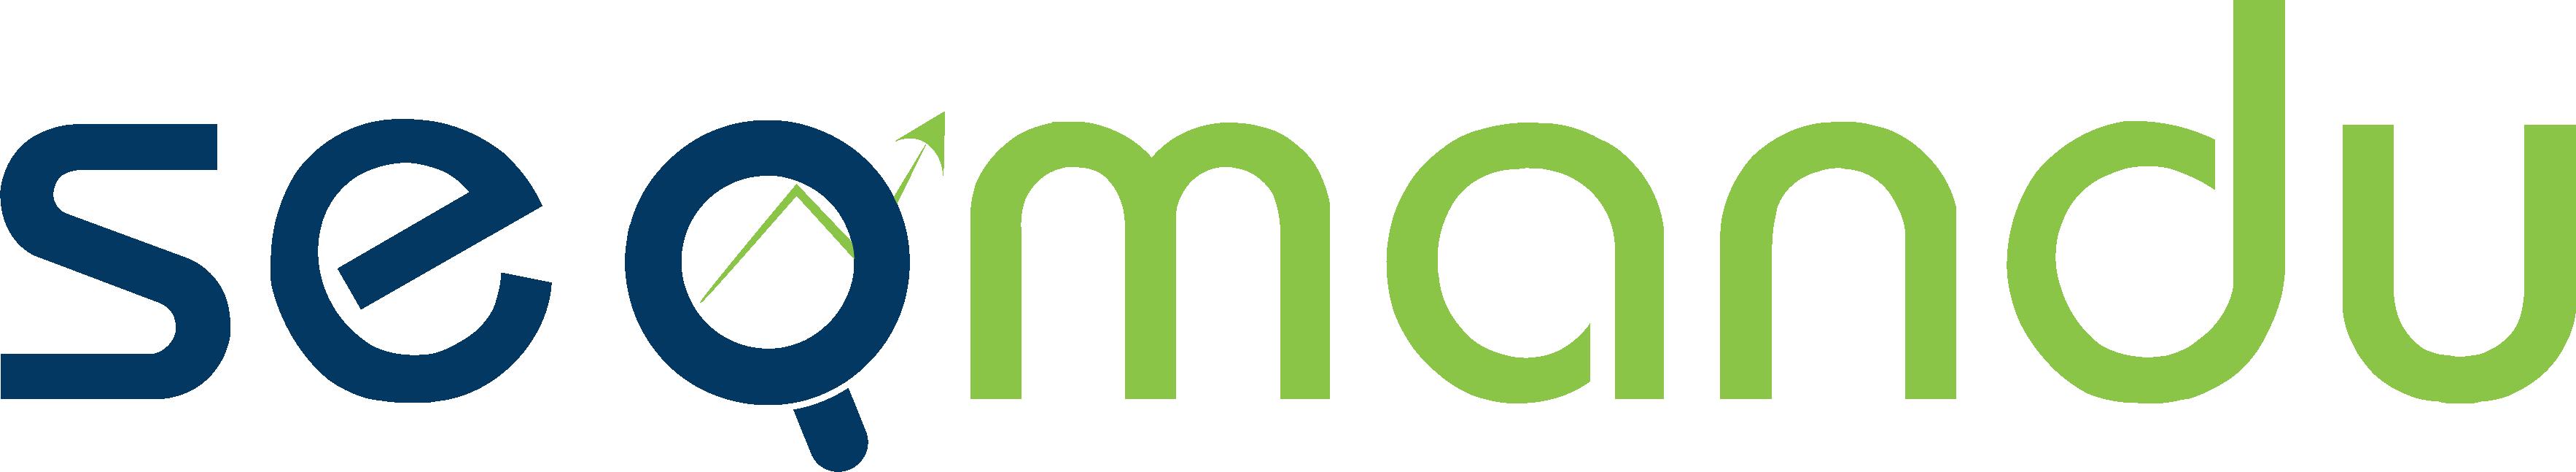 SEOMANDU logo